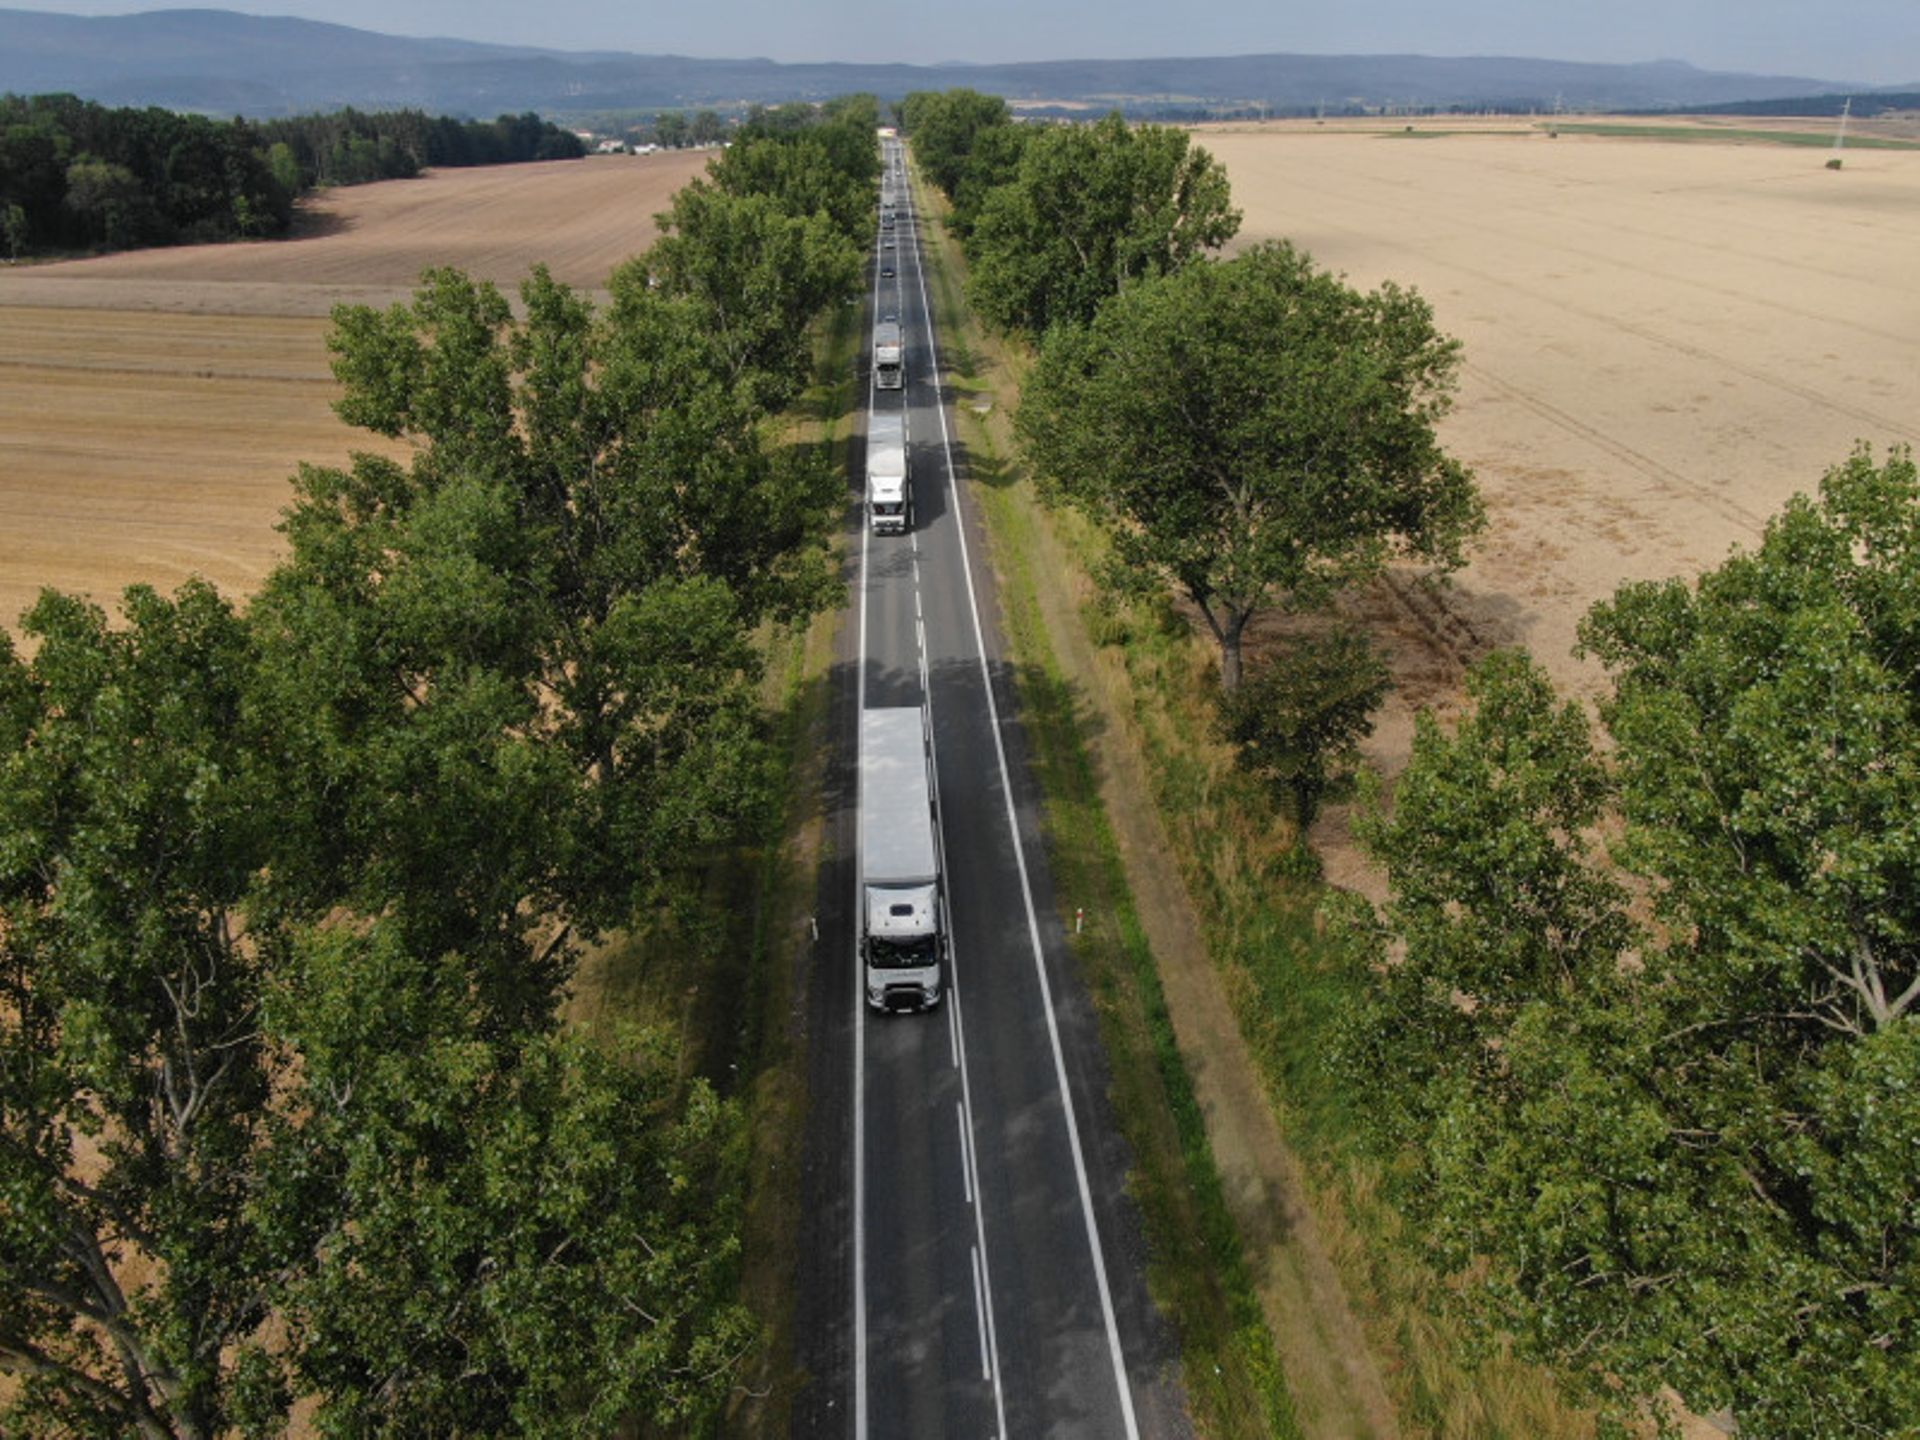 Trwają prace nad dokumentacją dla trasy S8 na odcinku: Wrocław - Kłodzko